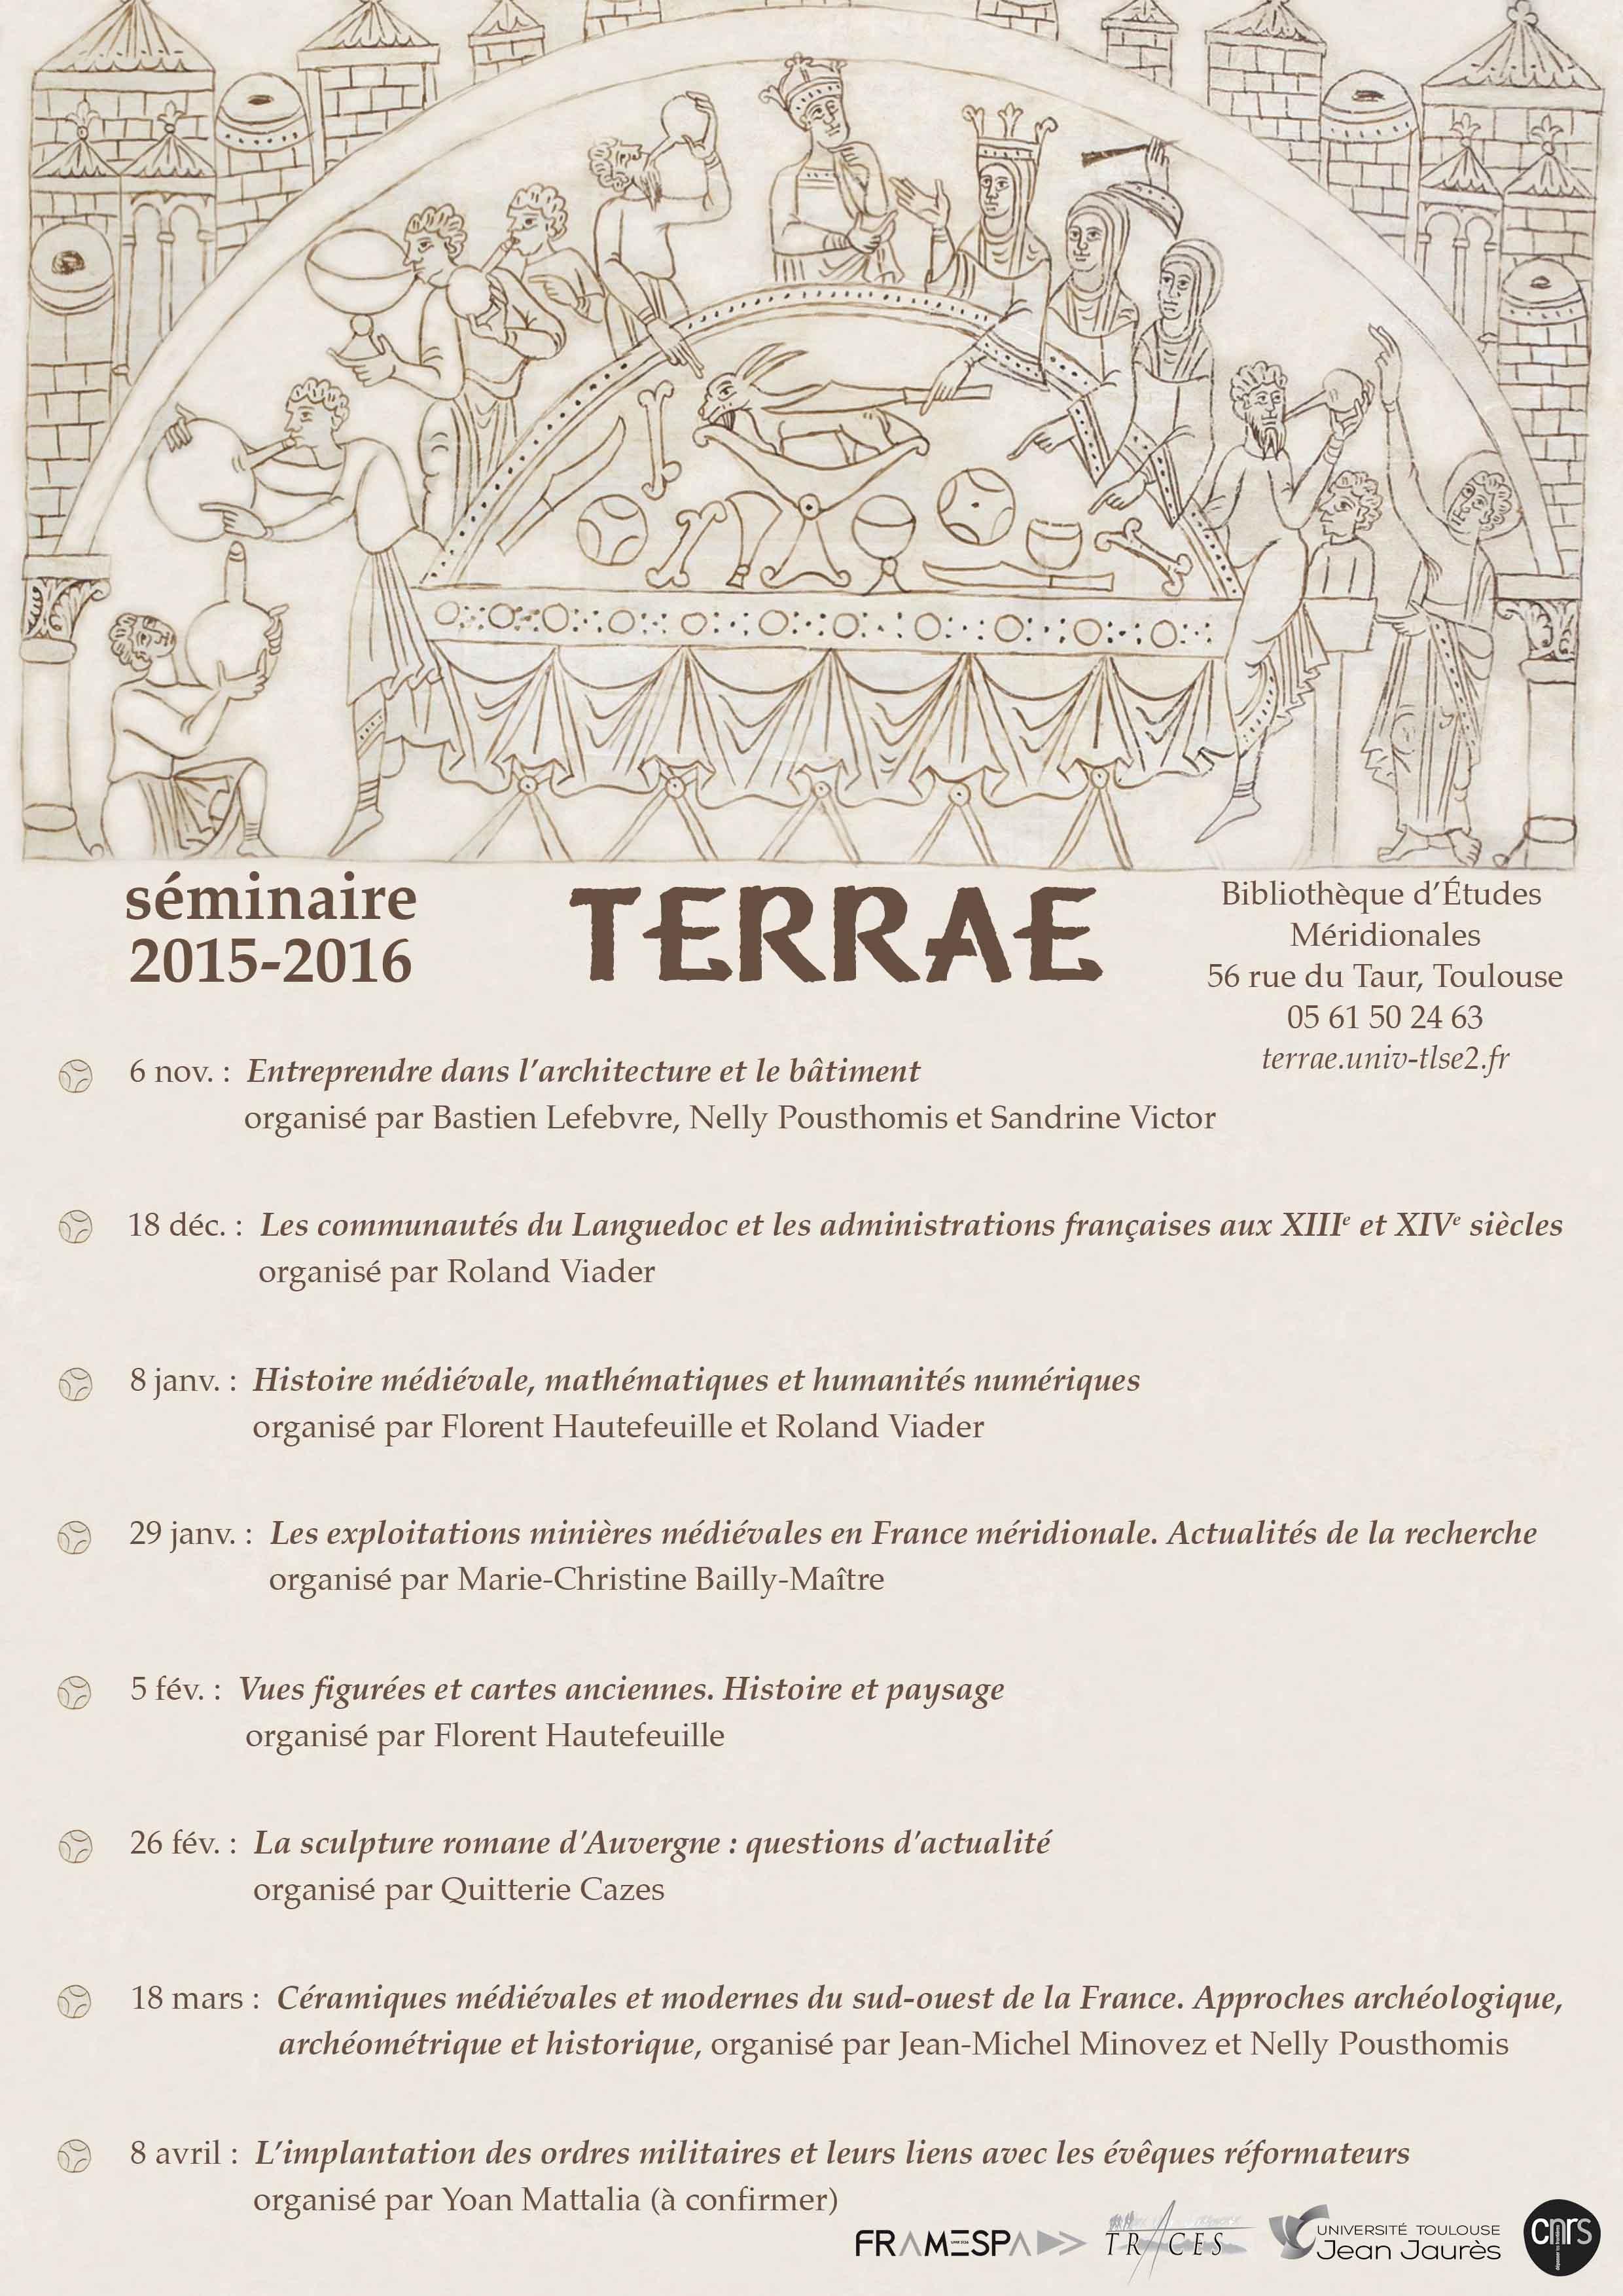 affiche-terrae-2015-2016_1444766508531-jpg.jpg